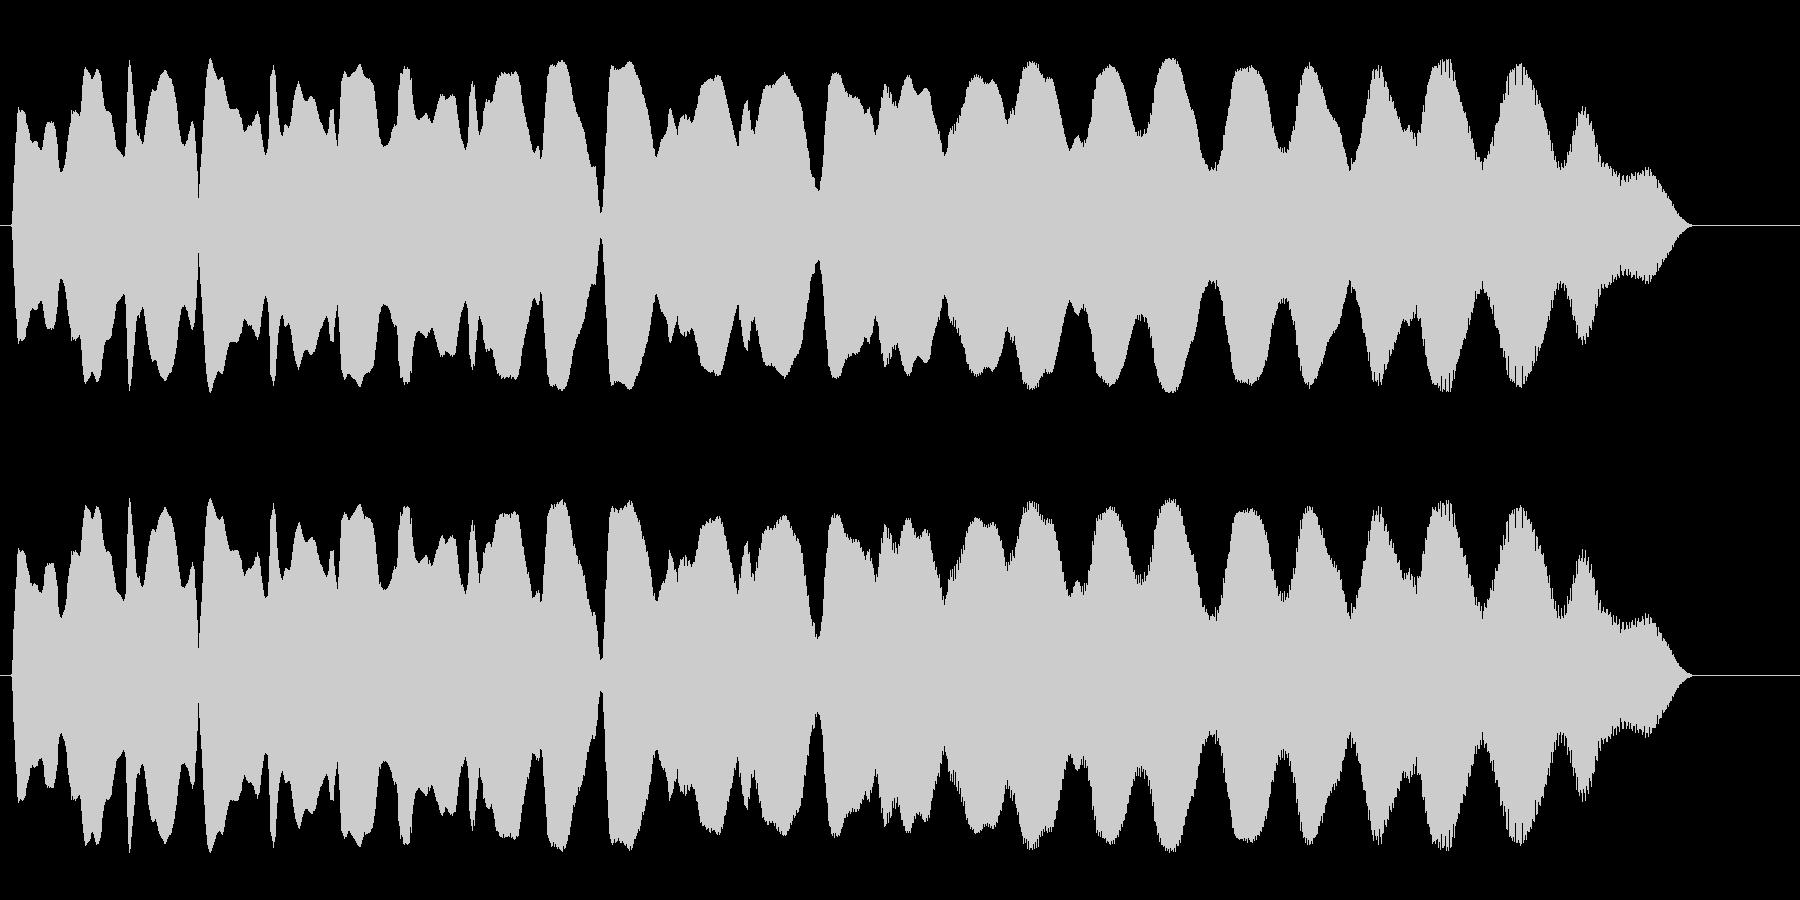 かすれたような余韻の落下音の未再生の波形